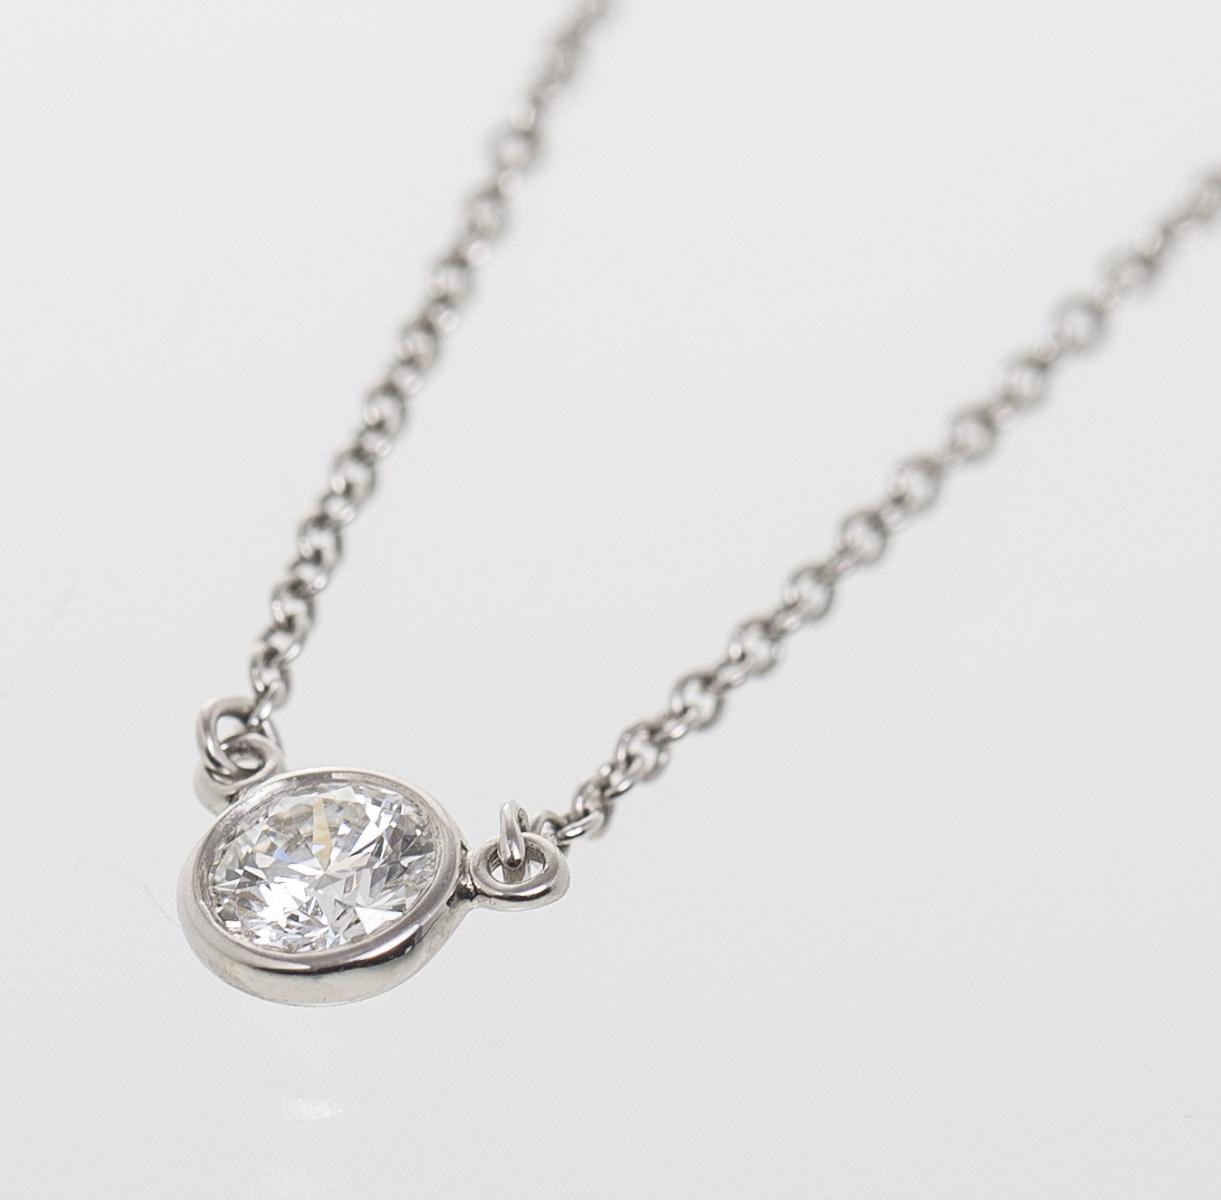 ティファニー Tiffany&Co バイザヤード ネックレス PT950 プラチナ ダイヤモンド 送料無料 【トレジャースポット】【中古】